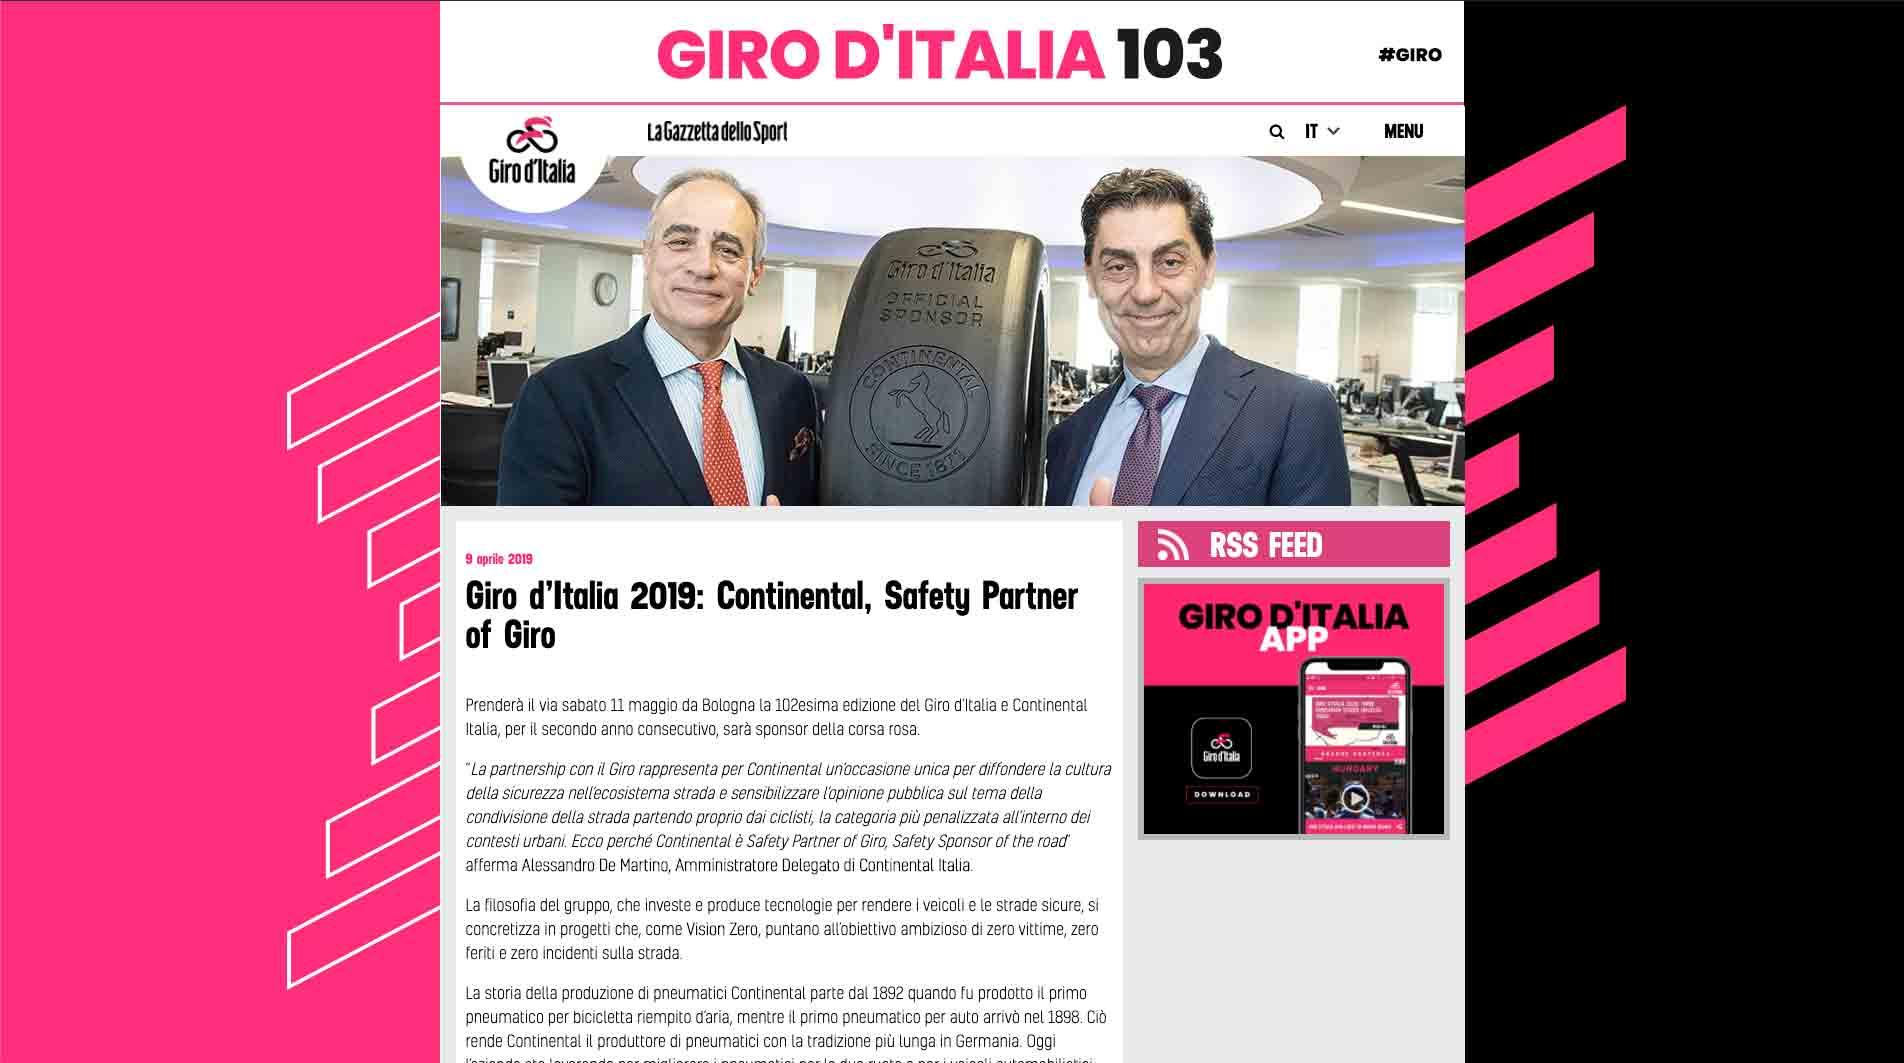 giro d'italia 2019 sito ufficiale